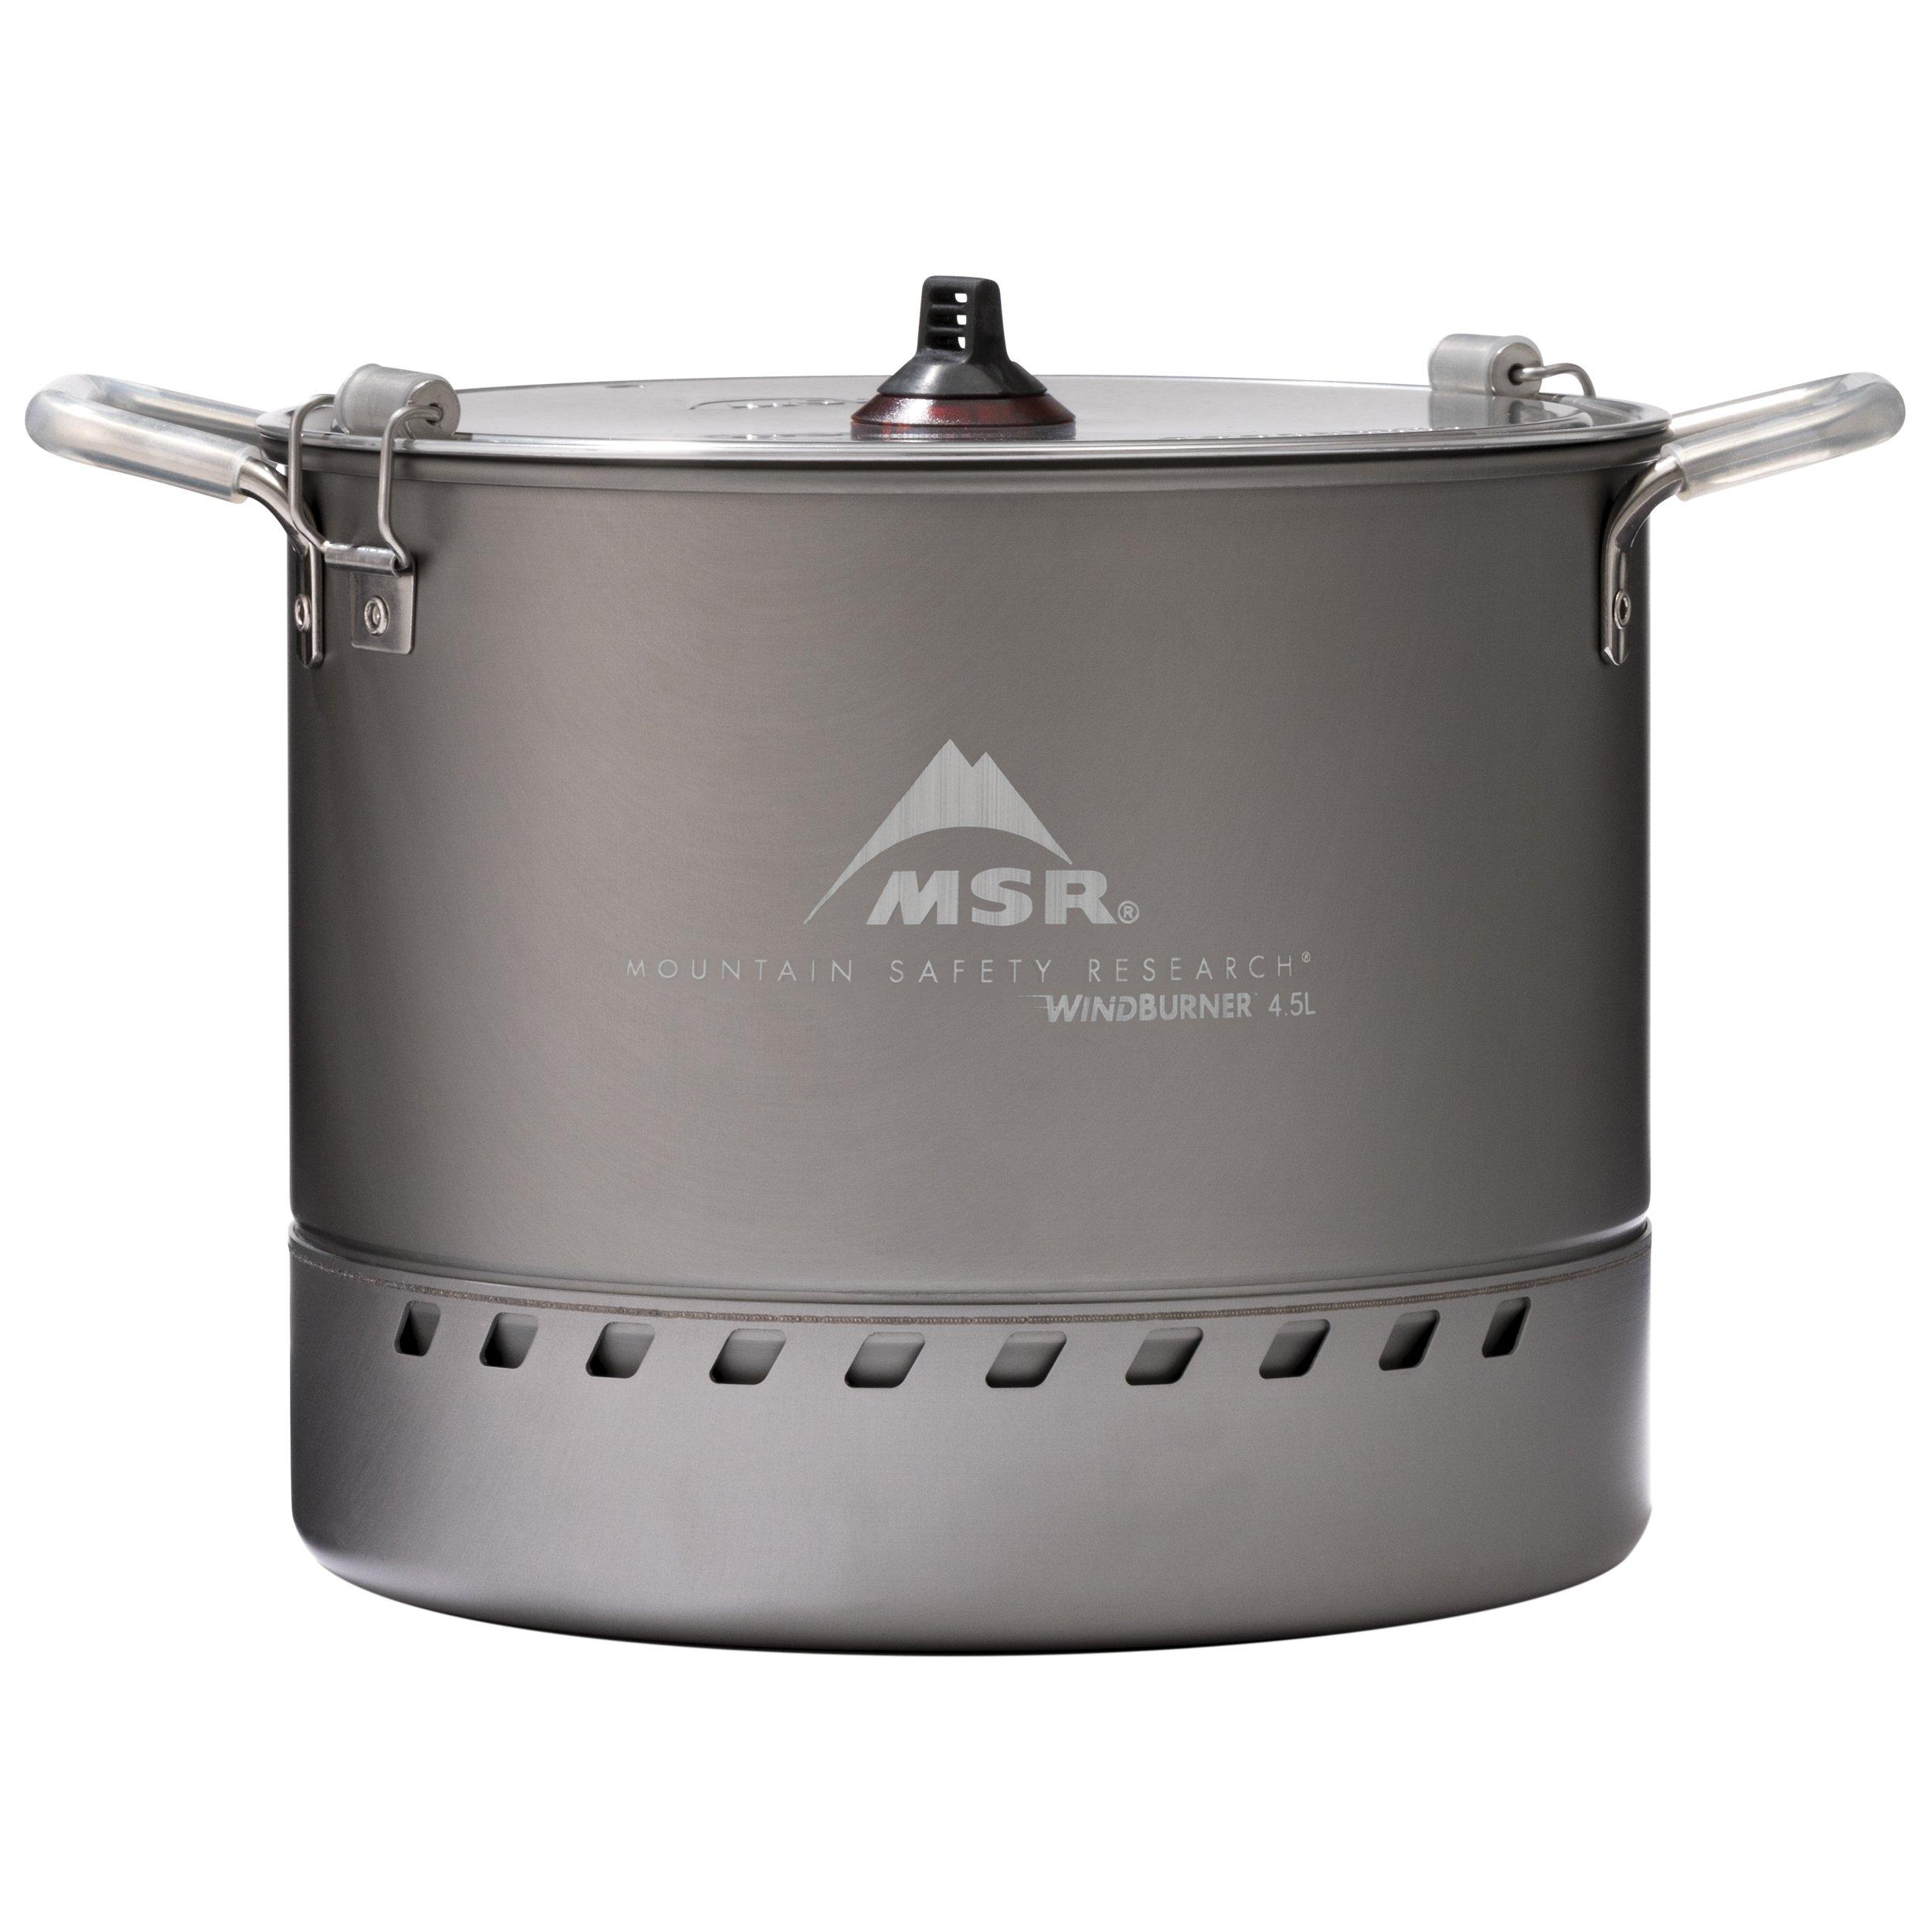 MSR WindBurner 4.5-Liter Camping Stock Pot with Strainer Lid by MSR